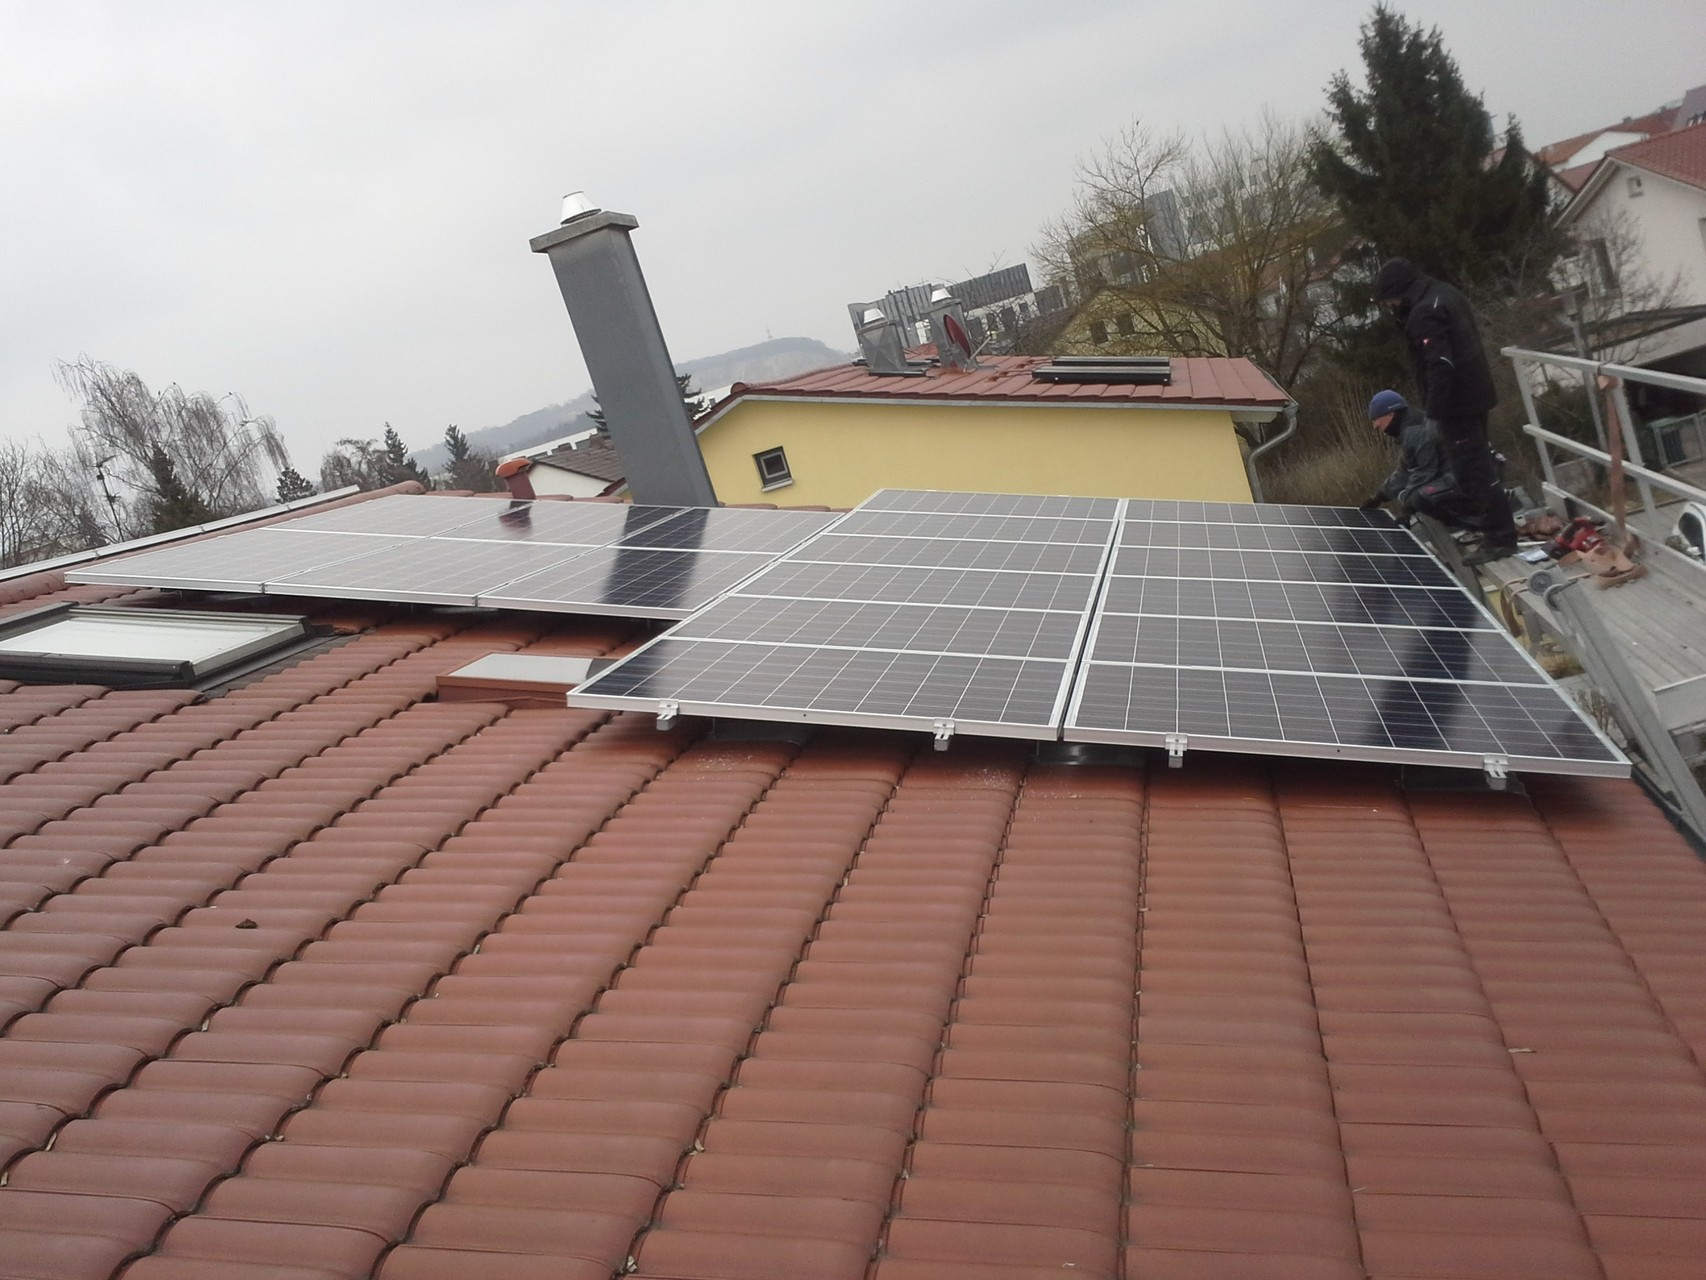 7 kWp Photovoltaikanlage 93059 Regensburg SHARP Modulen mit Senec G2 Plus Speicher